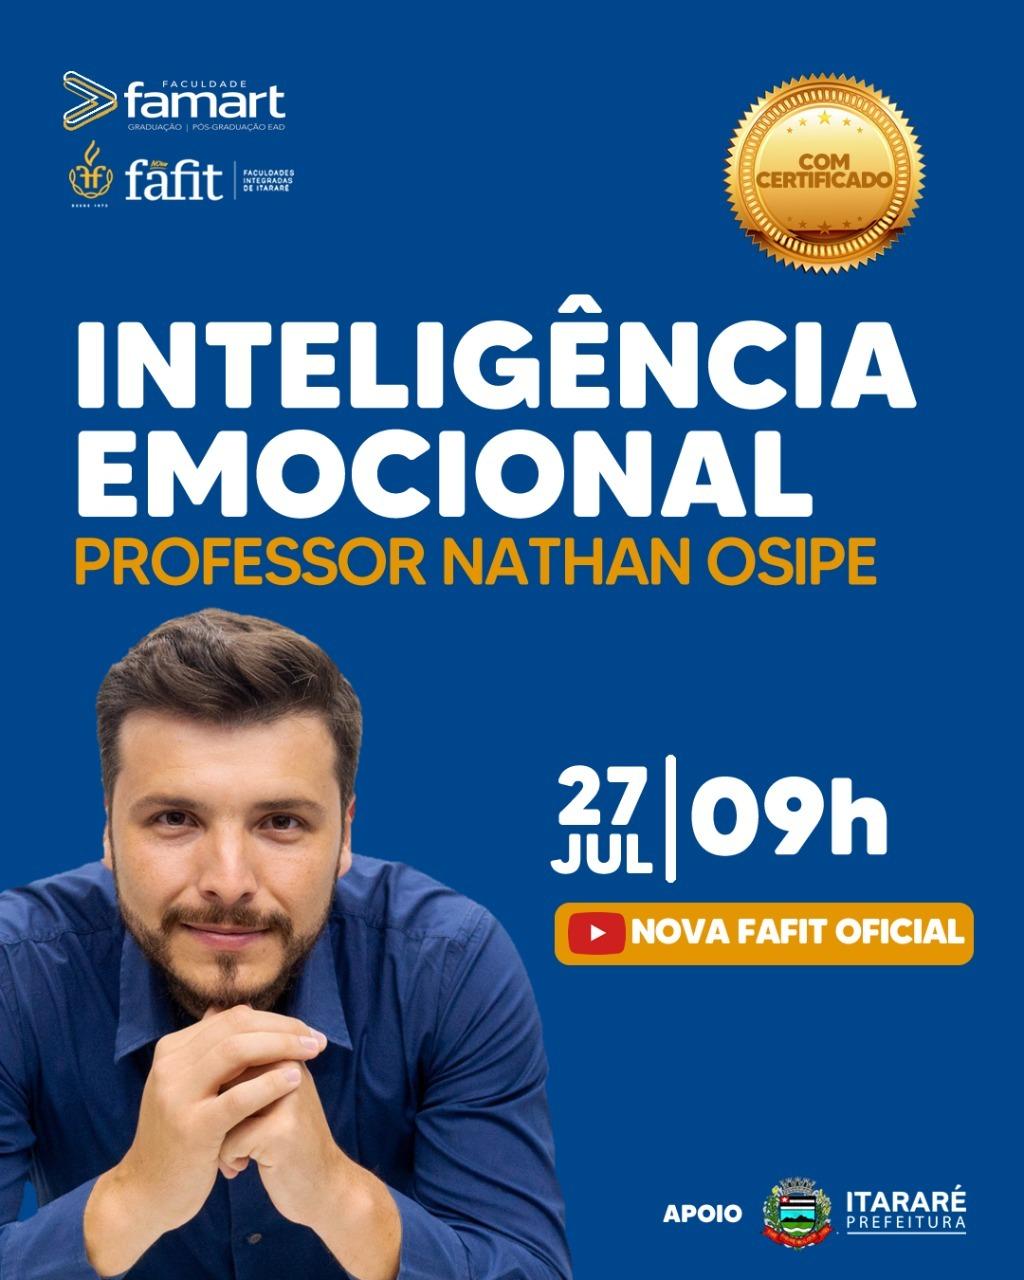 Educação de Itararé (SP) realiza capacitação sobre inteligência emocional